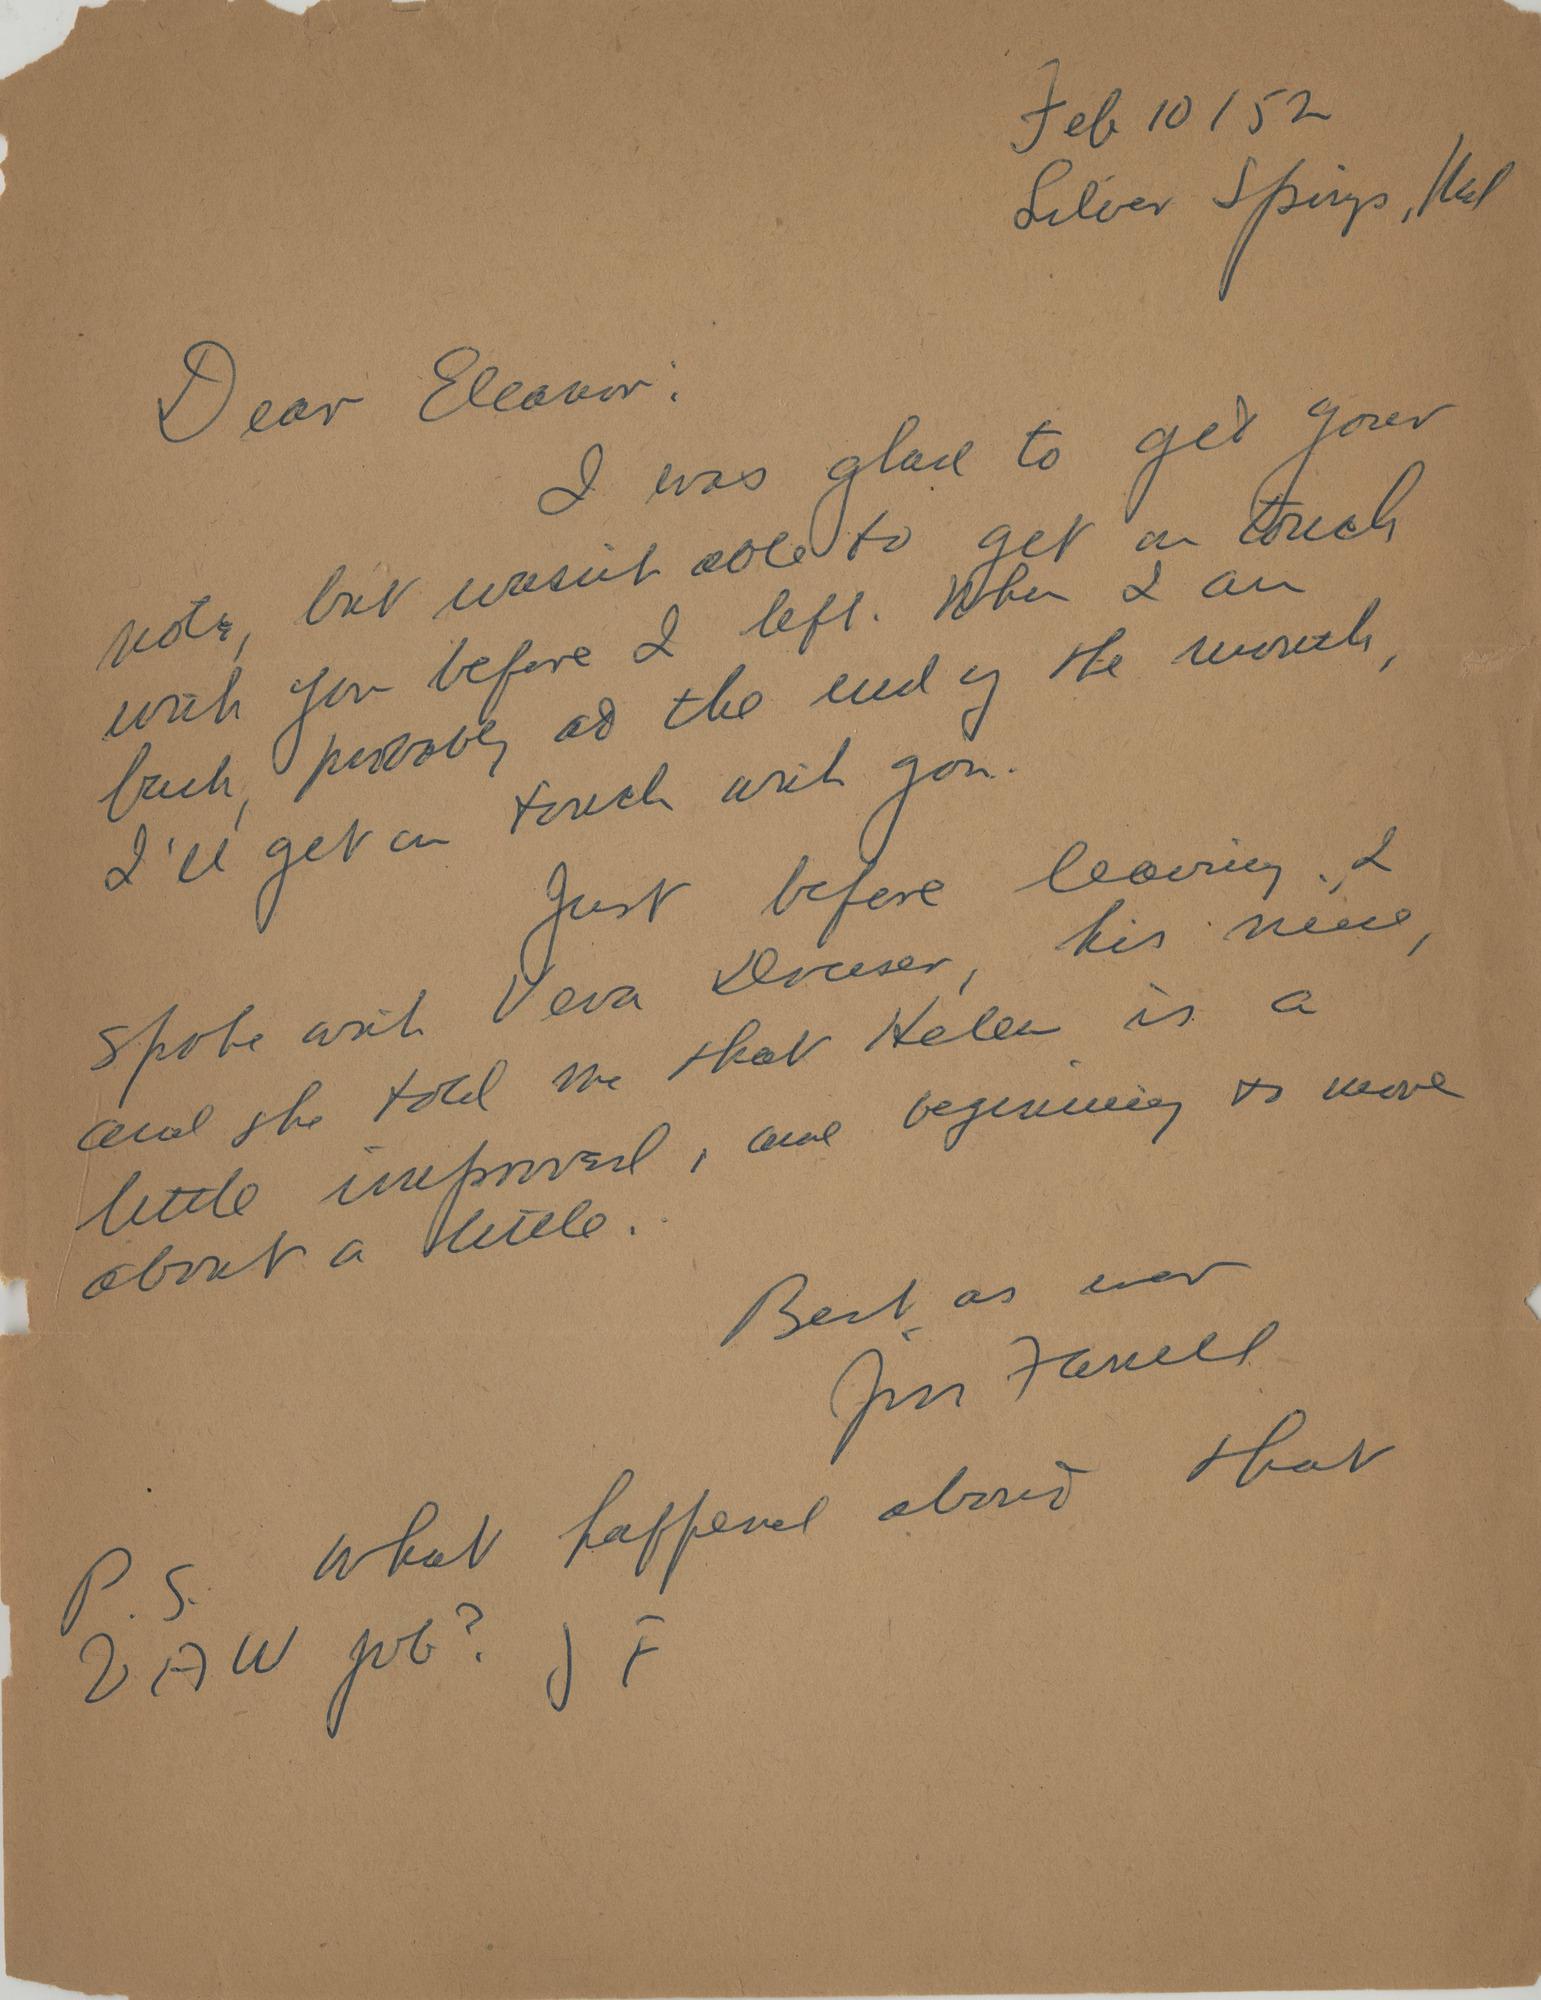 Ms2017_005_FarrelltoAnderson_Letter_1952_0210.jpg